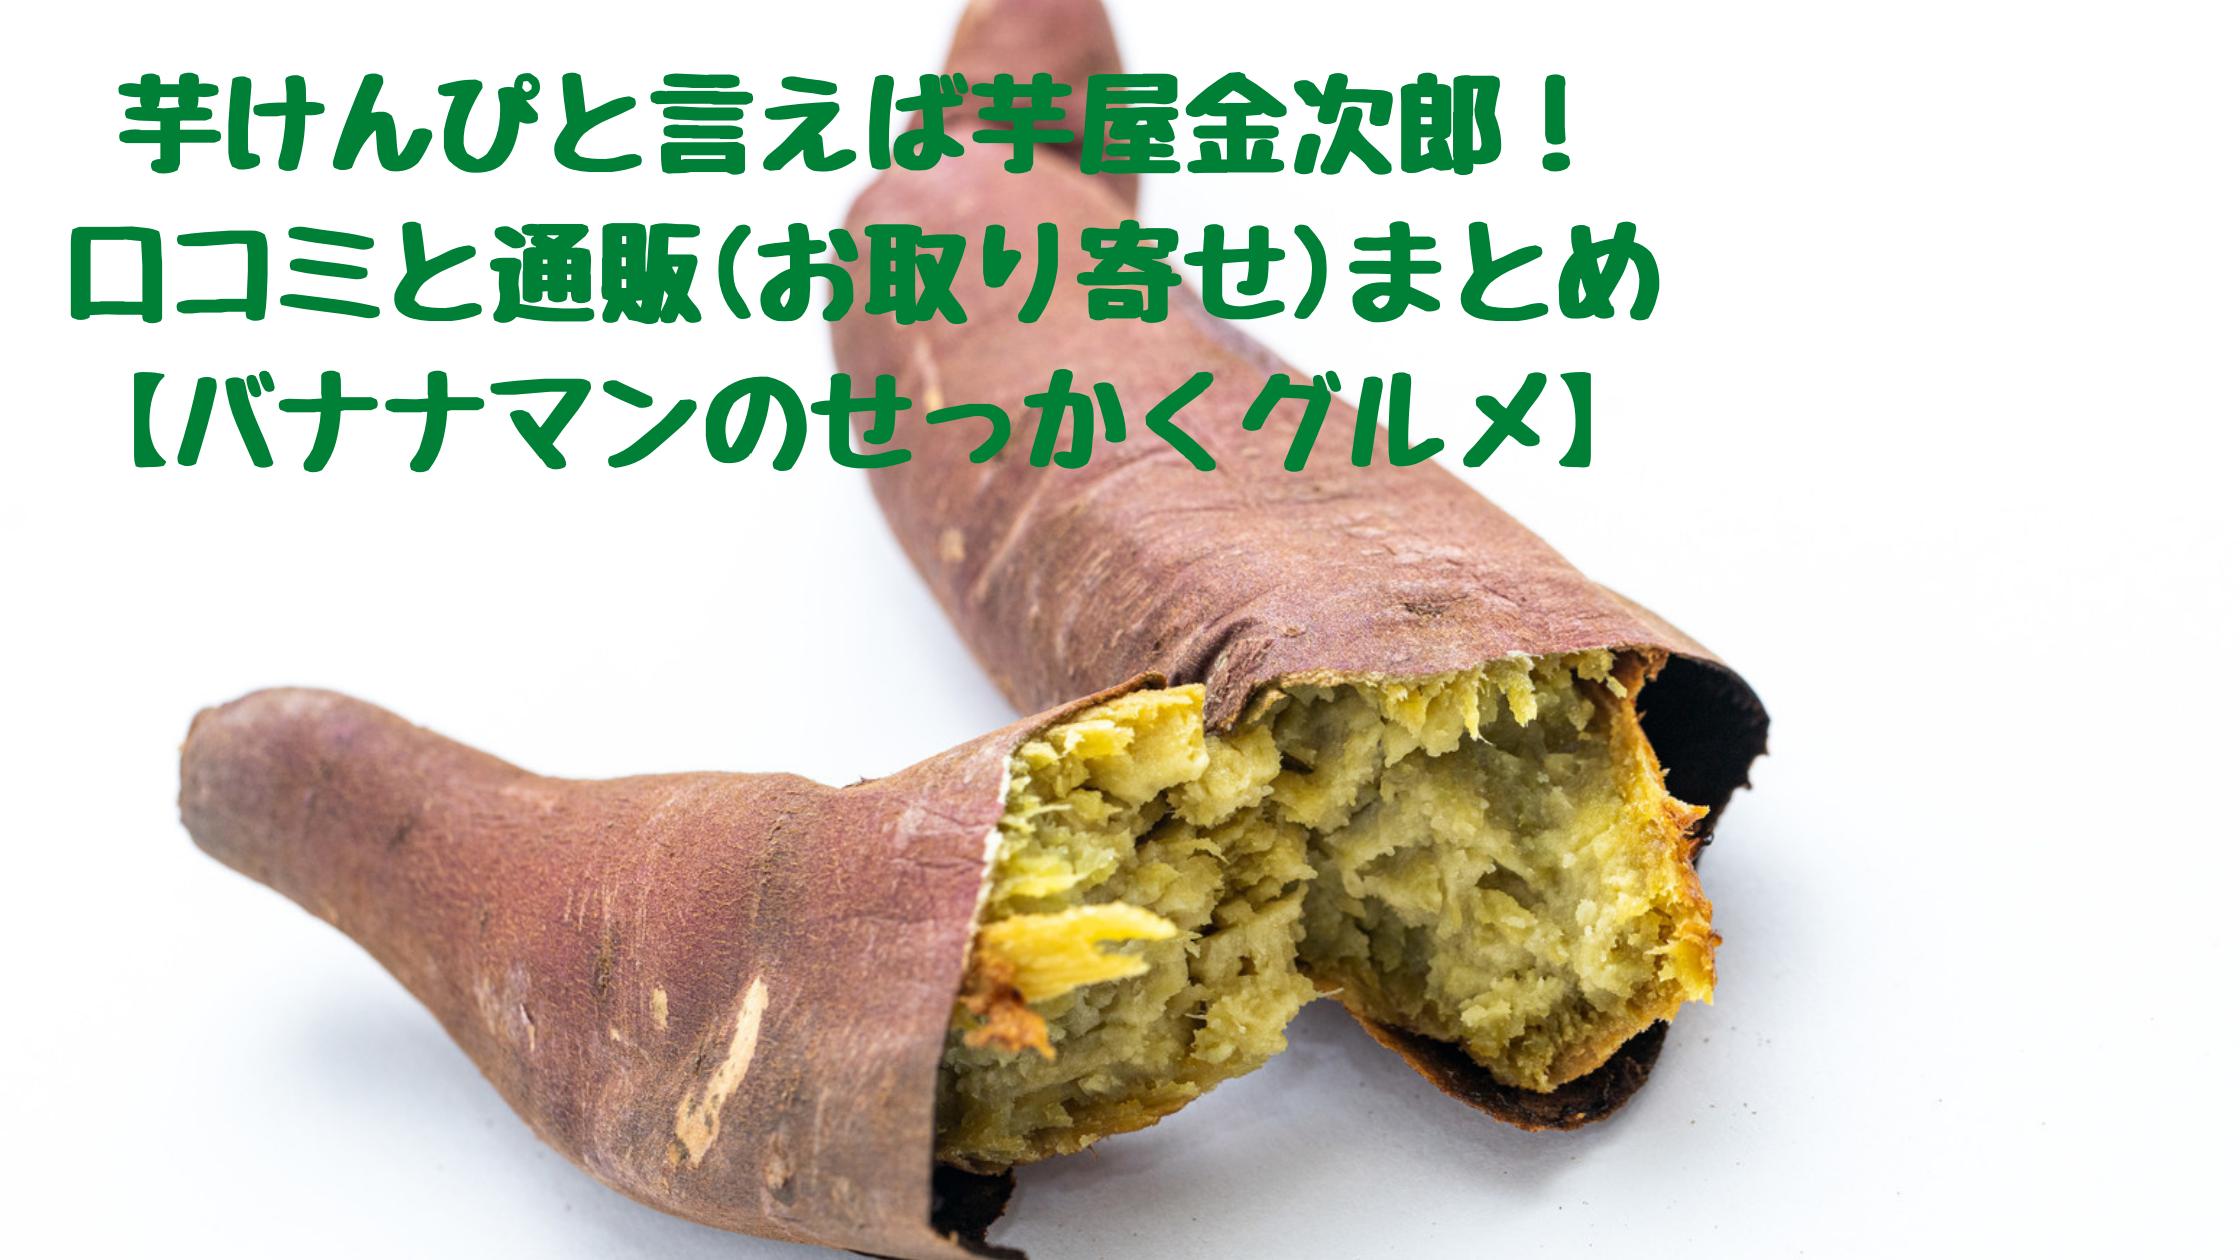 ぴ けん 金次郎 芋